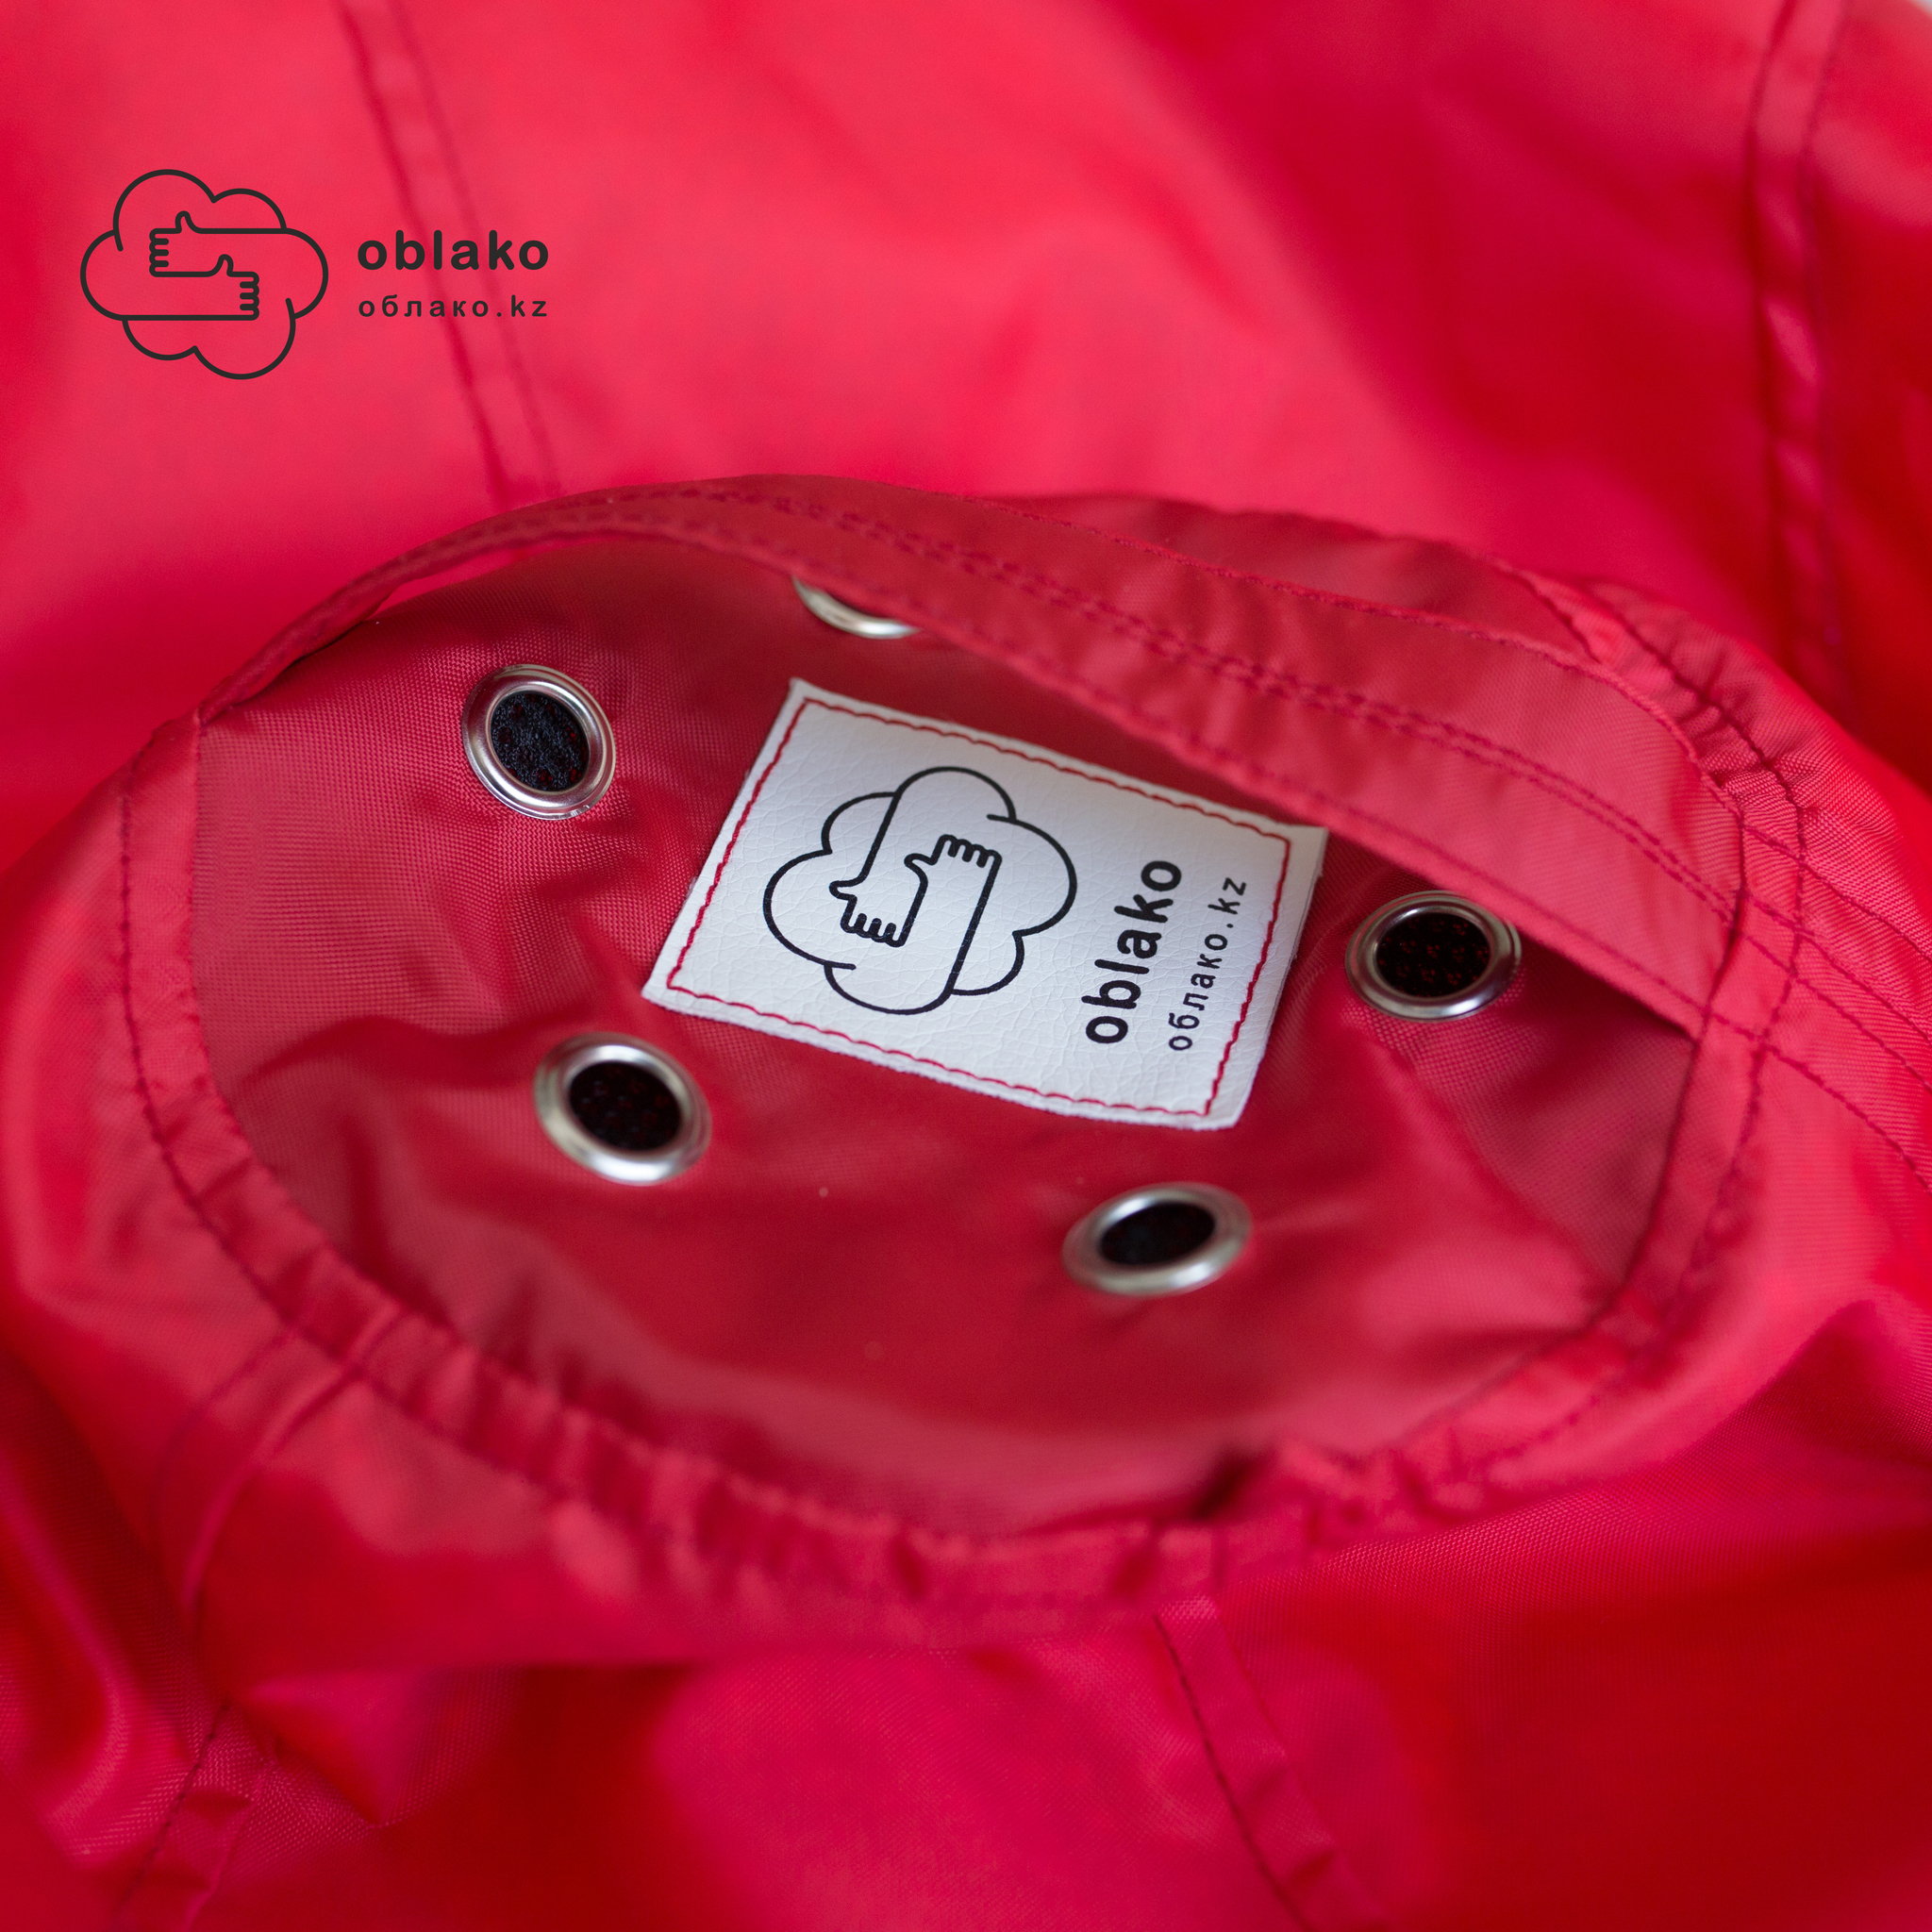 Груша M плащёвка, съёмный чехол (красная)